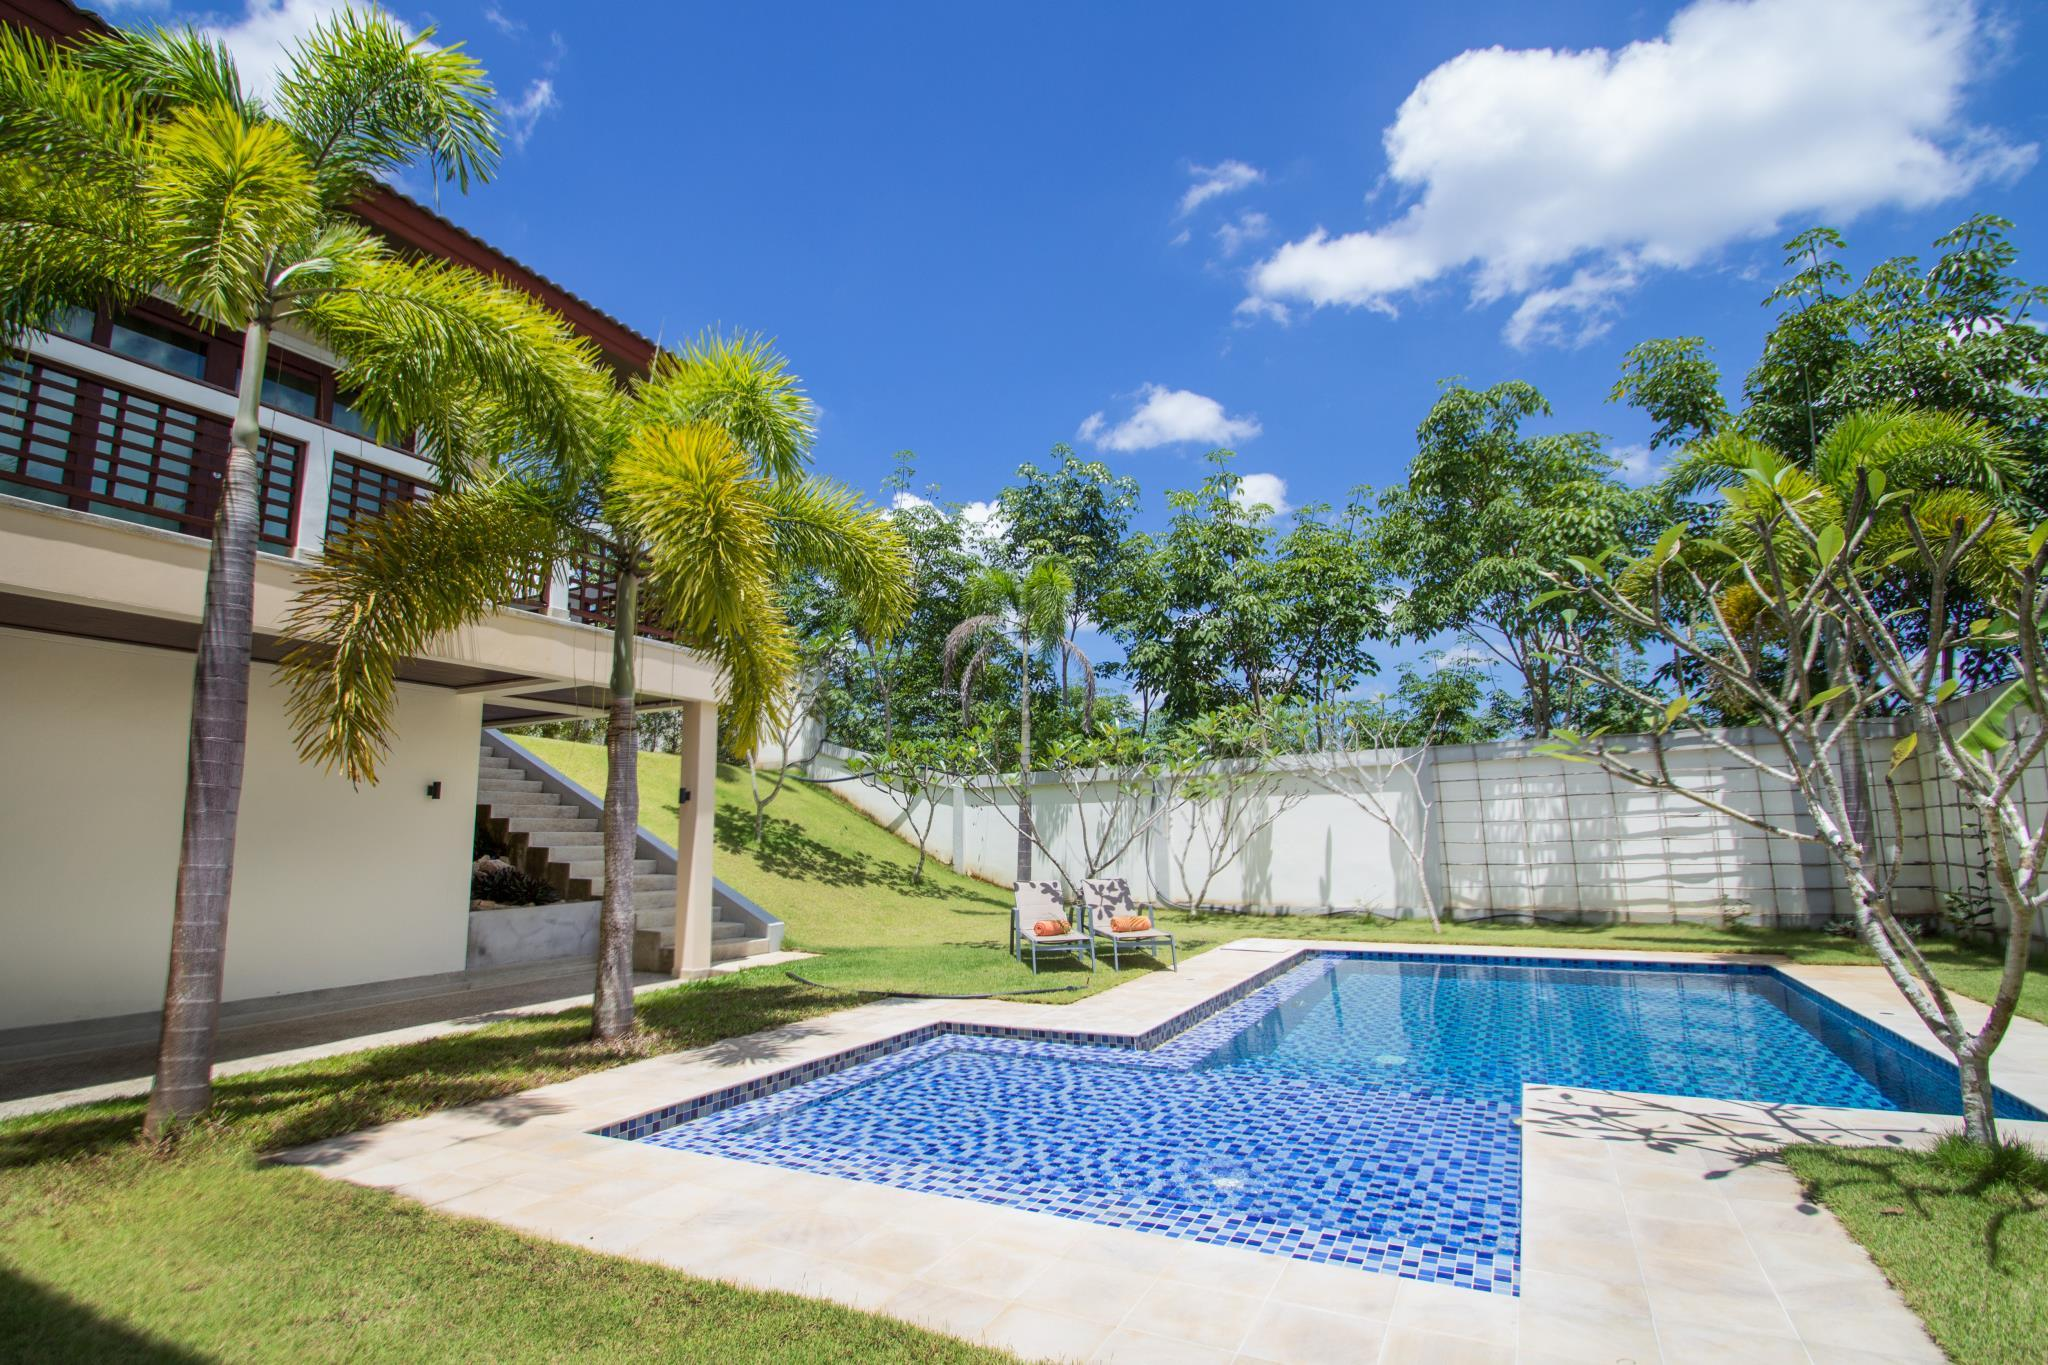 Review Aonanta Pool Villa